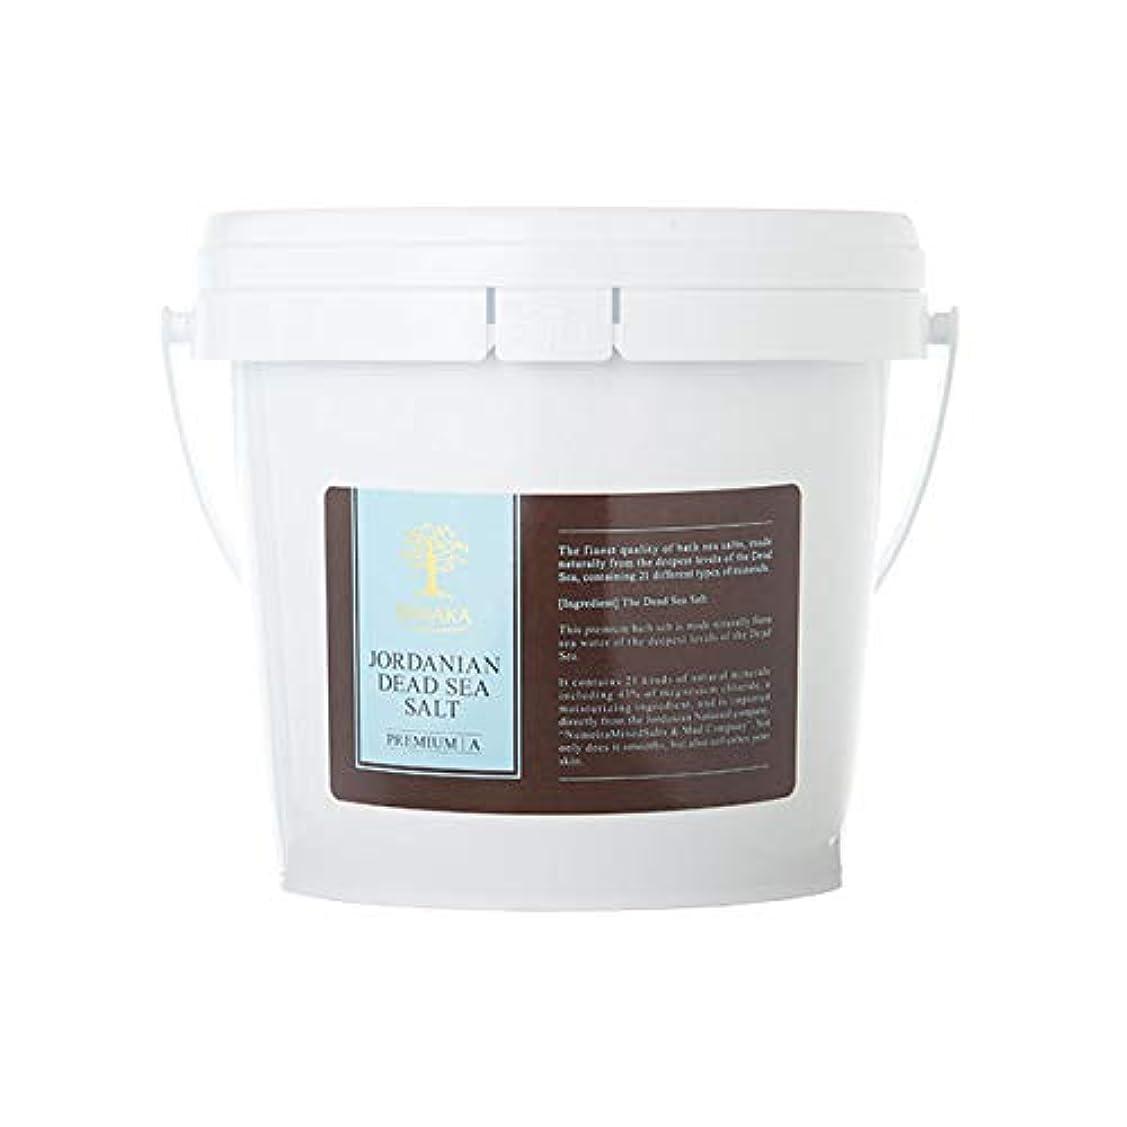 アミューズ中に細胞BARAKA(バラカ) ジョルダニアン デッドシー ソルト バケツ 1.5kg バスソルト 入浴剤 ヨルダン産死海塩100%